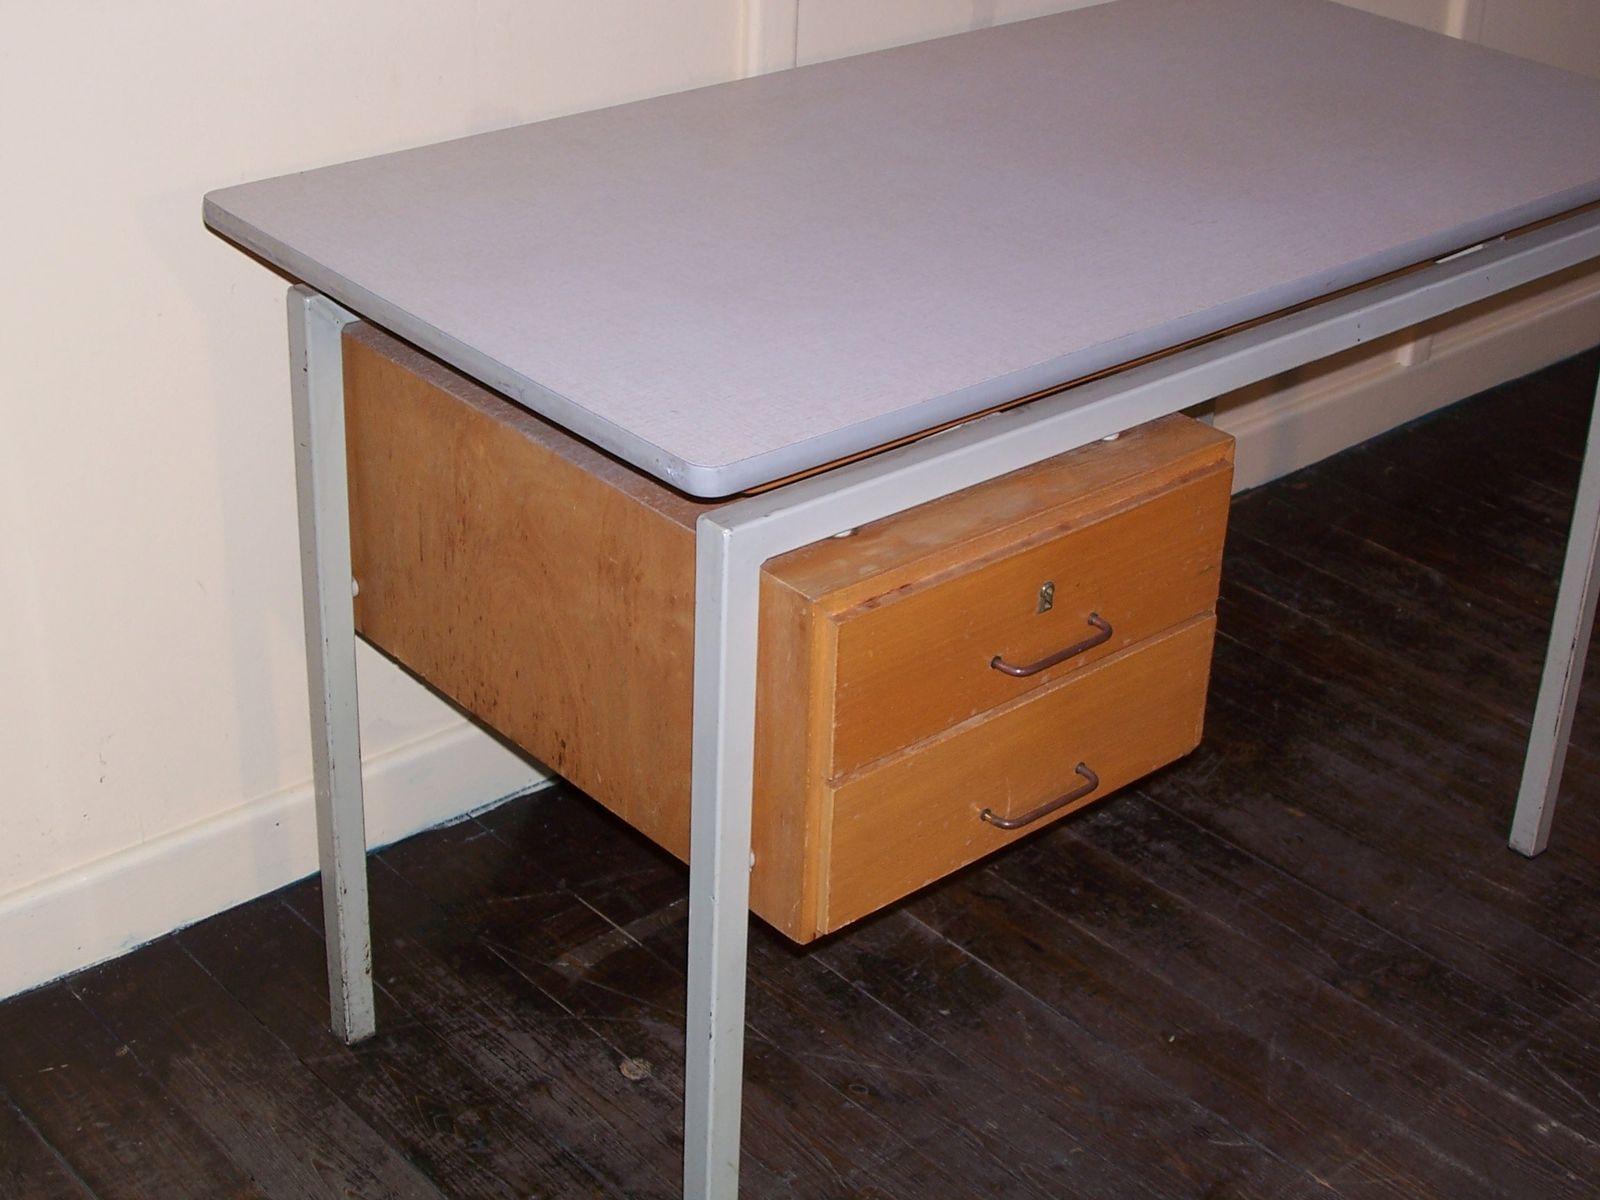 vintage schreibtisch mit formica tischplatte und schubladen aus holz bei pamono kaufen. Black Bedroom Furniture Sets. Home Design Ideas